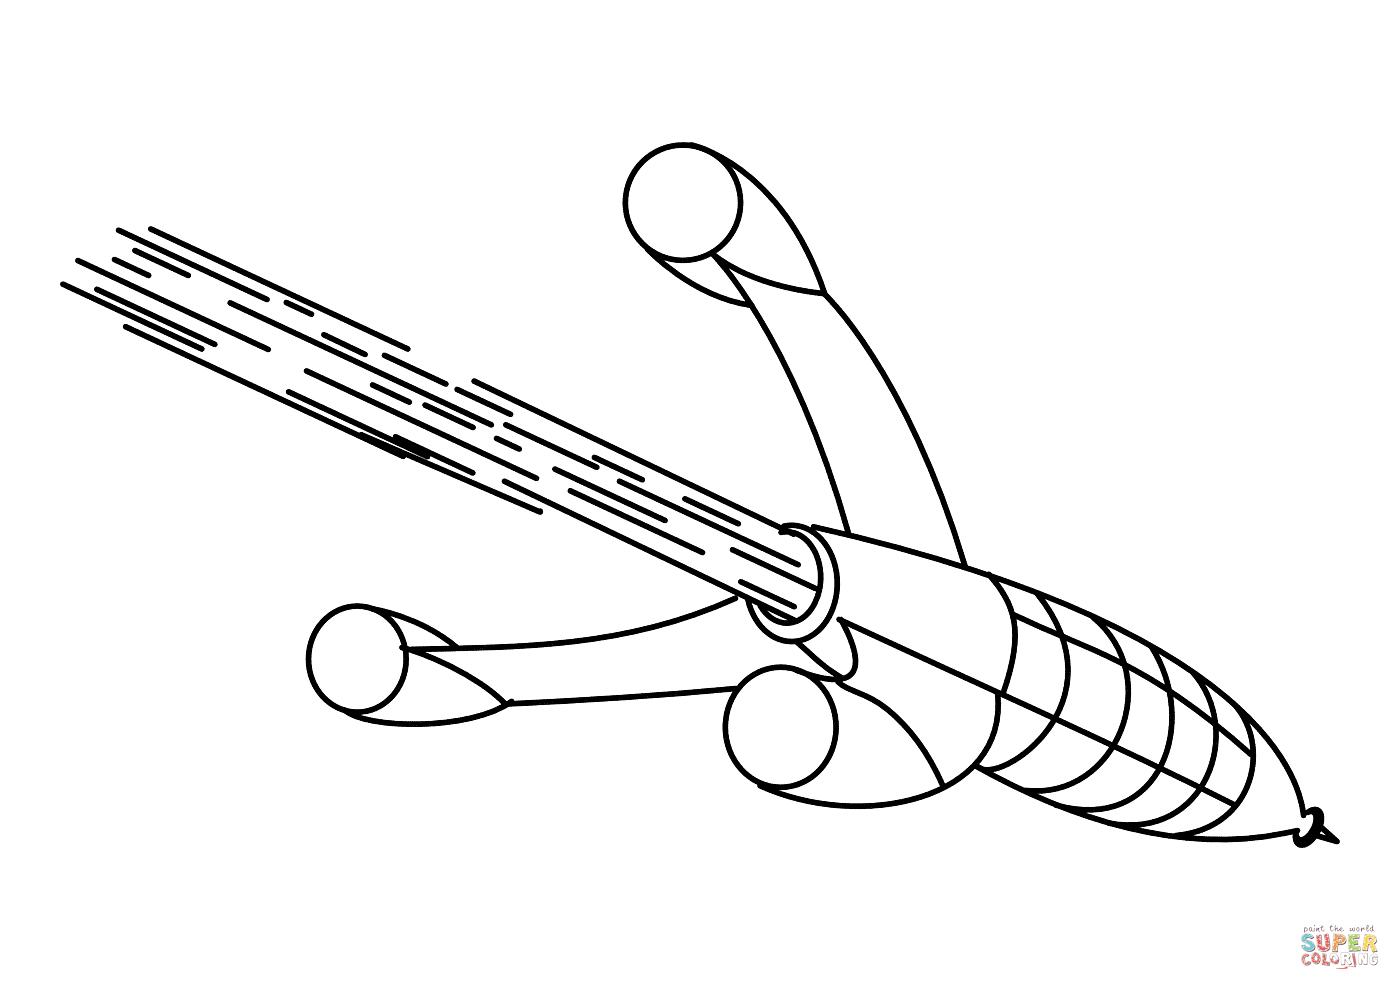 Coloriage - Fusée Dans L'espace | Coloriages À Imprimer Gratuits concernant Fusée À Imprimer